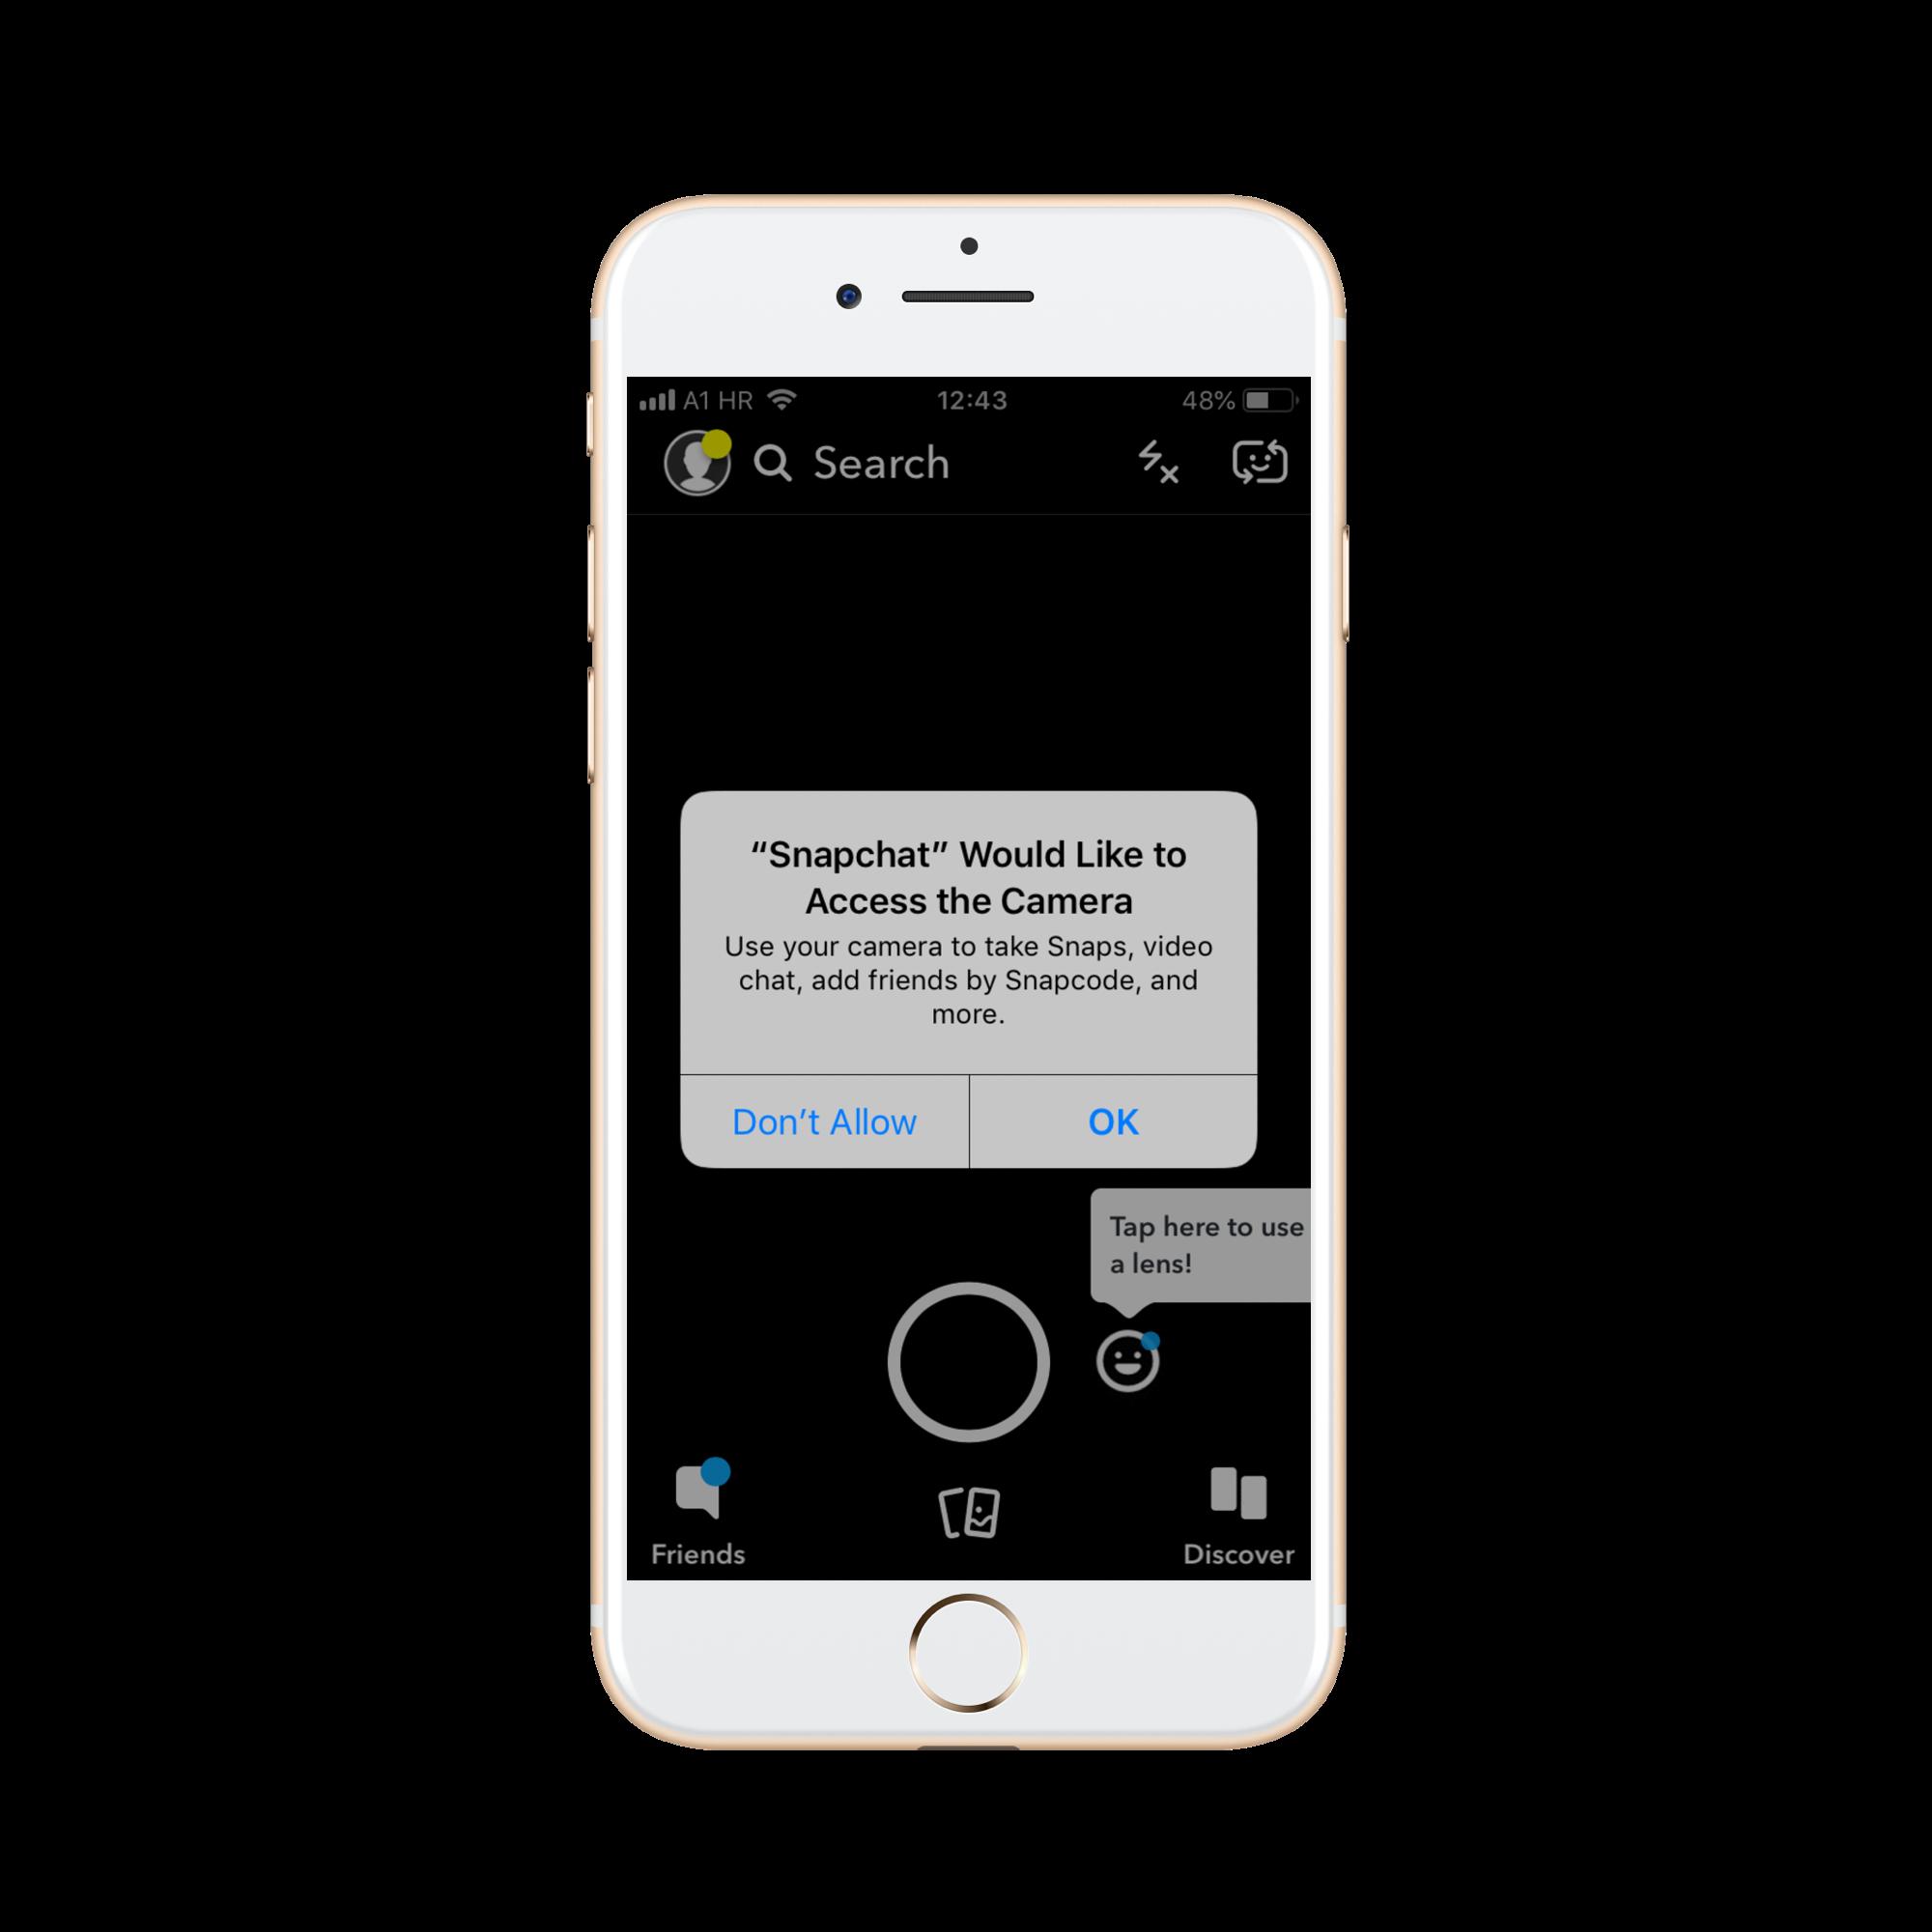 postavi aplikacije za upoznavanjedva upozoravajuća znaka da je osoba možda žrtva zlostavljanja izlazaka